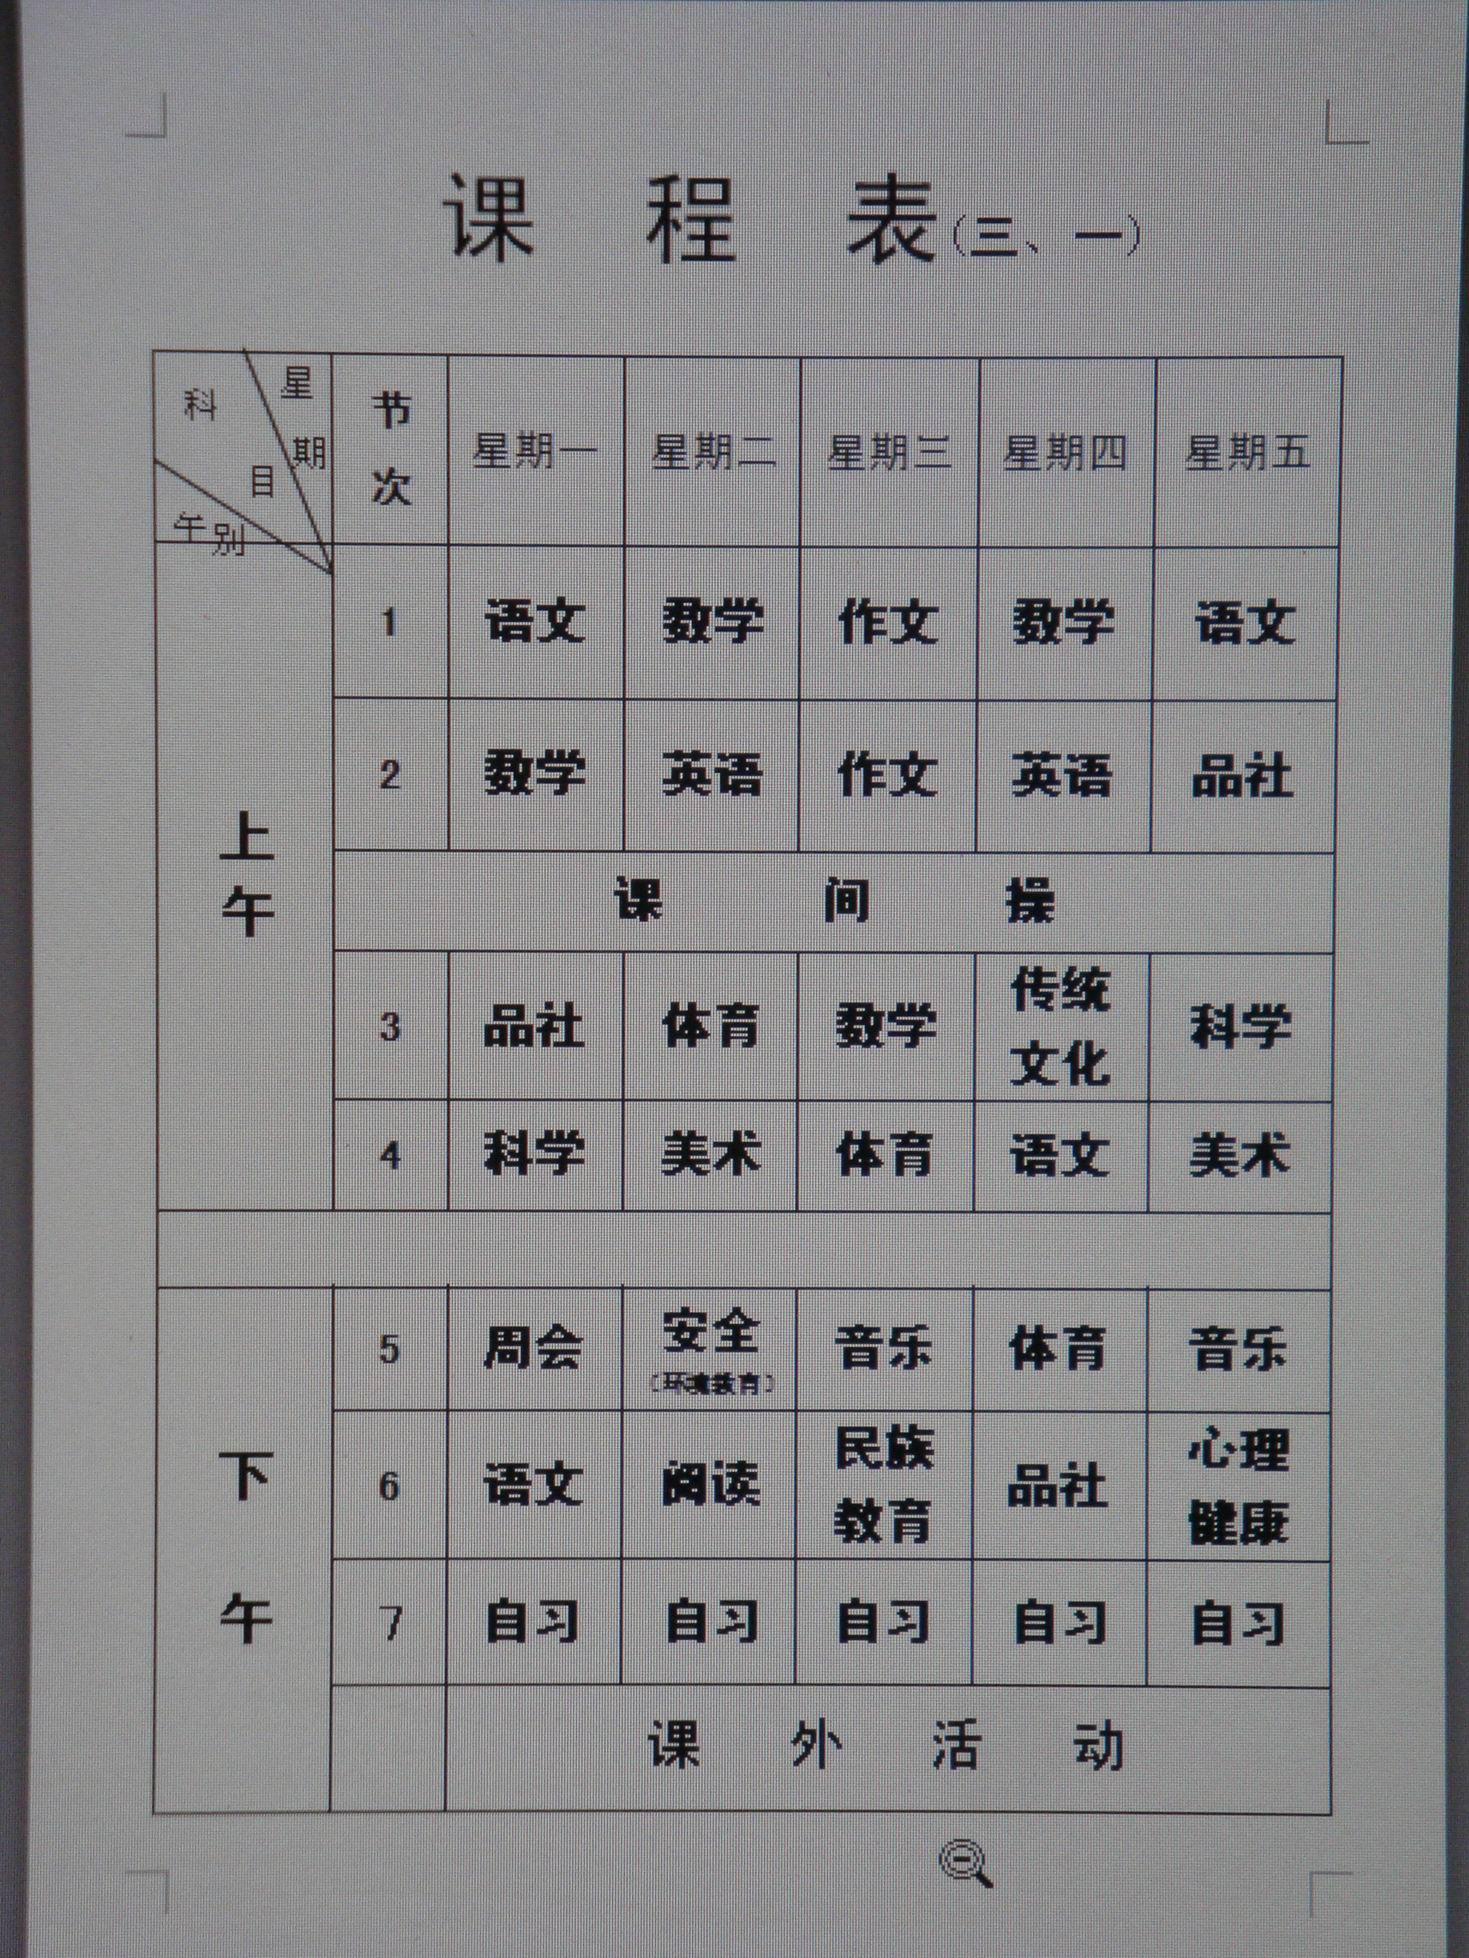 幼儿园清明节大班课程表